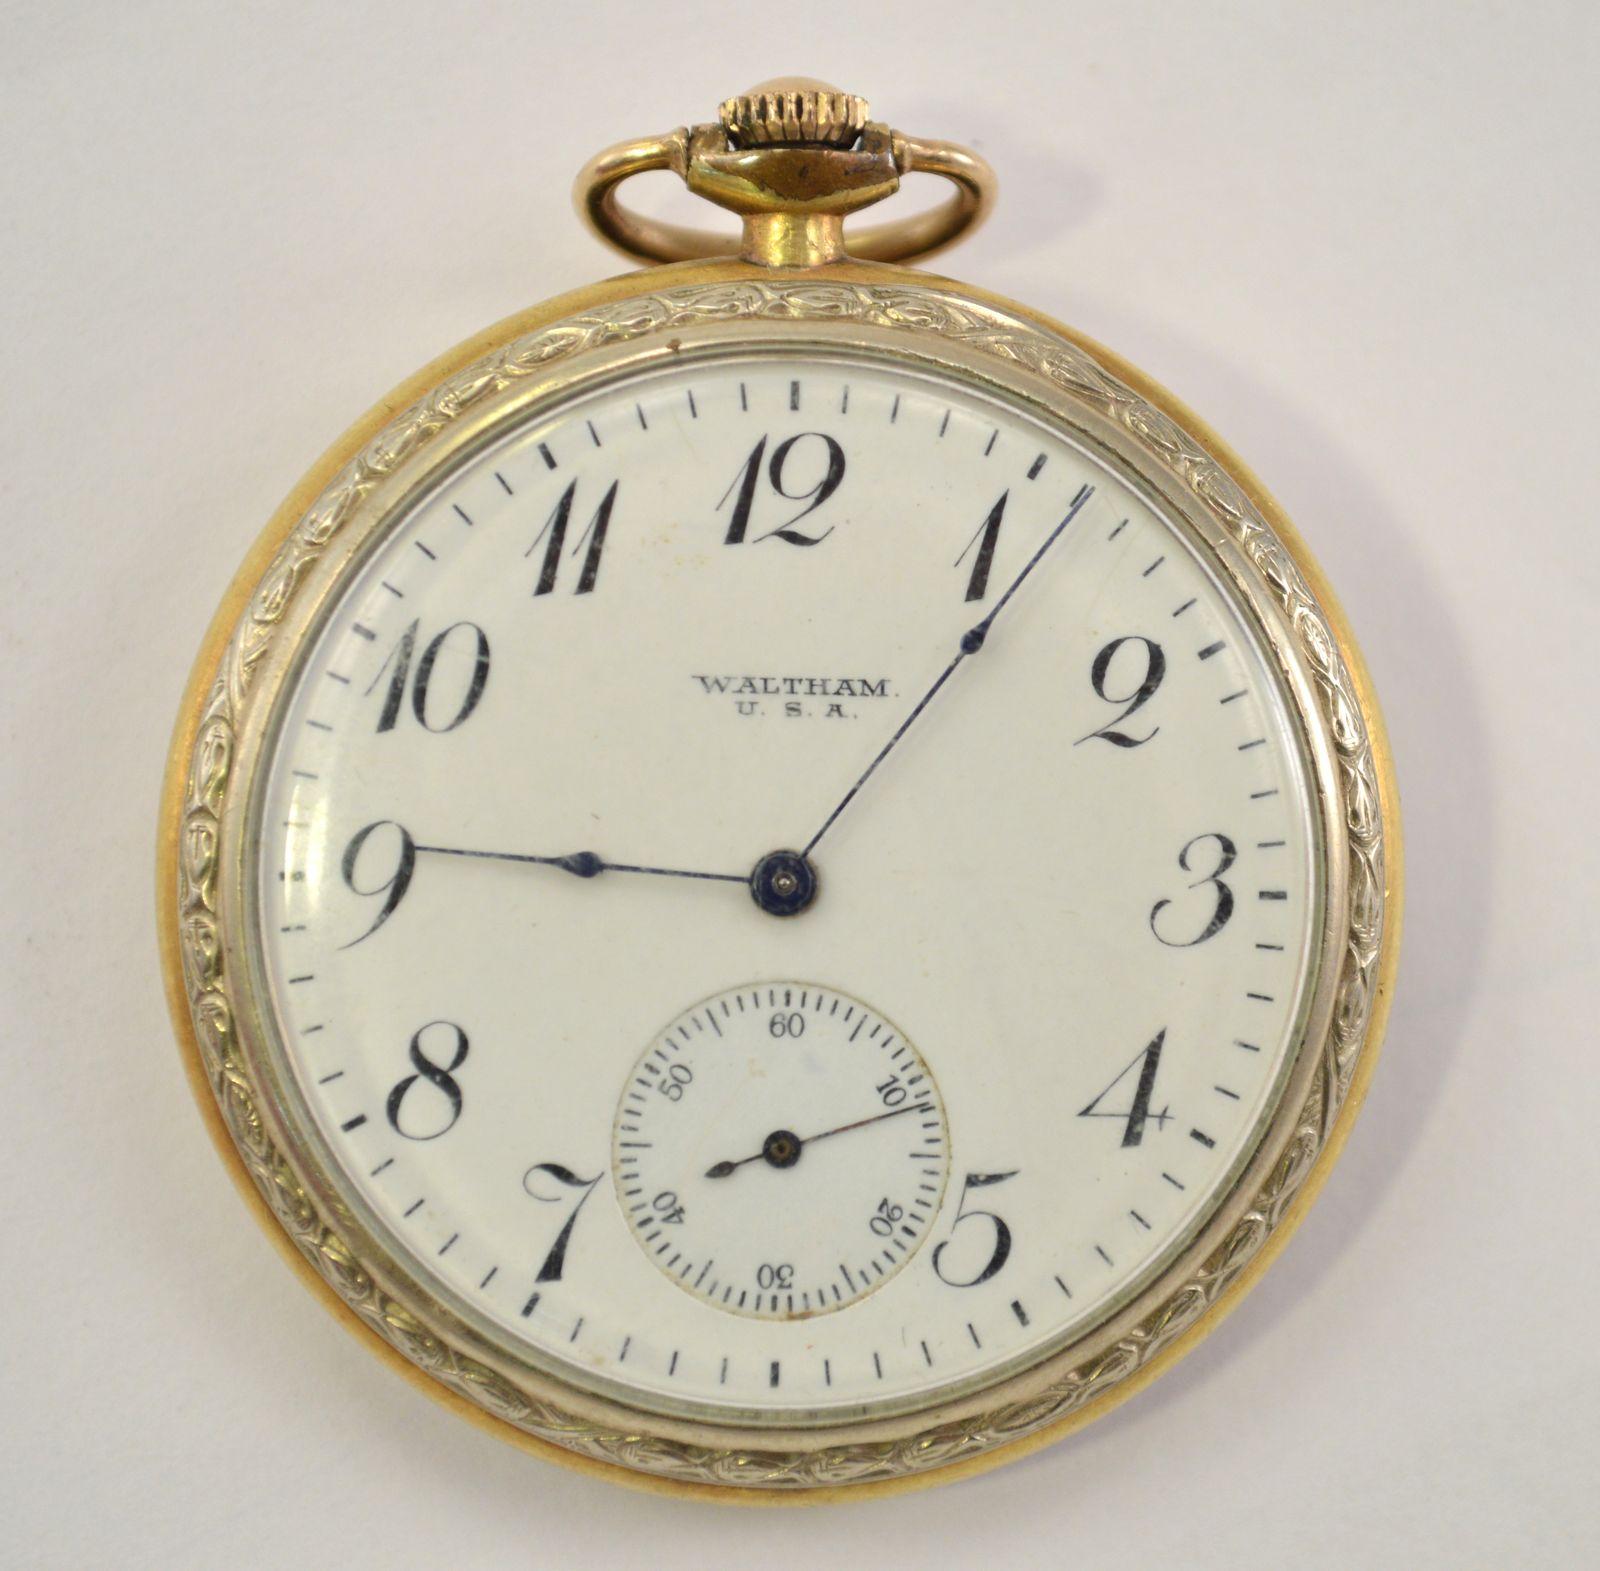 1917 Waltham Pocket Watch, 12 Size, 15 Jewel   Property Room